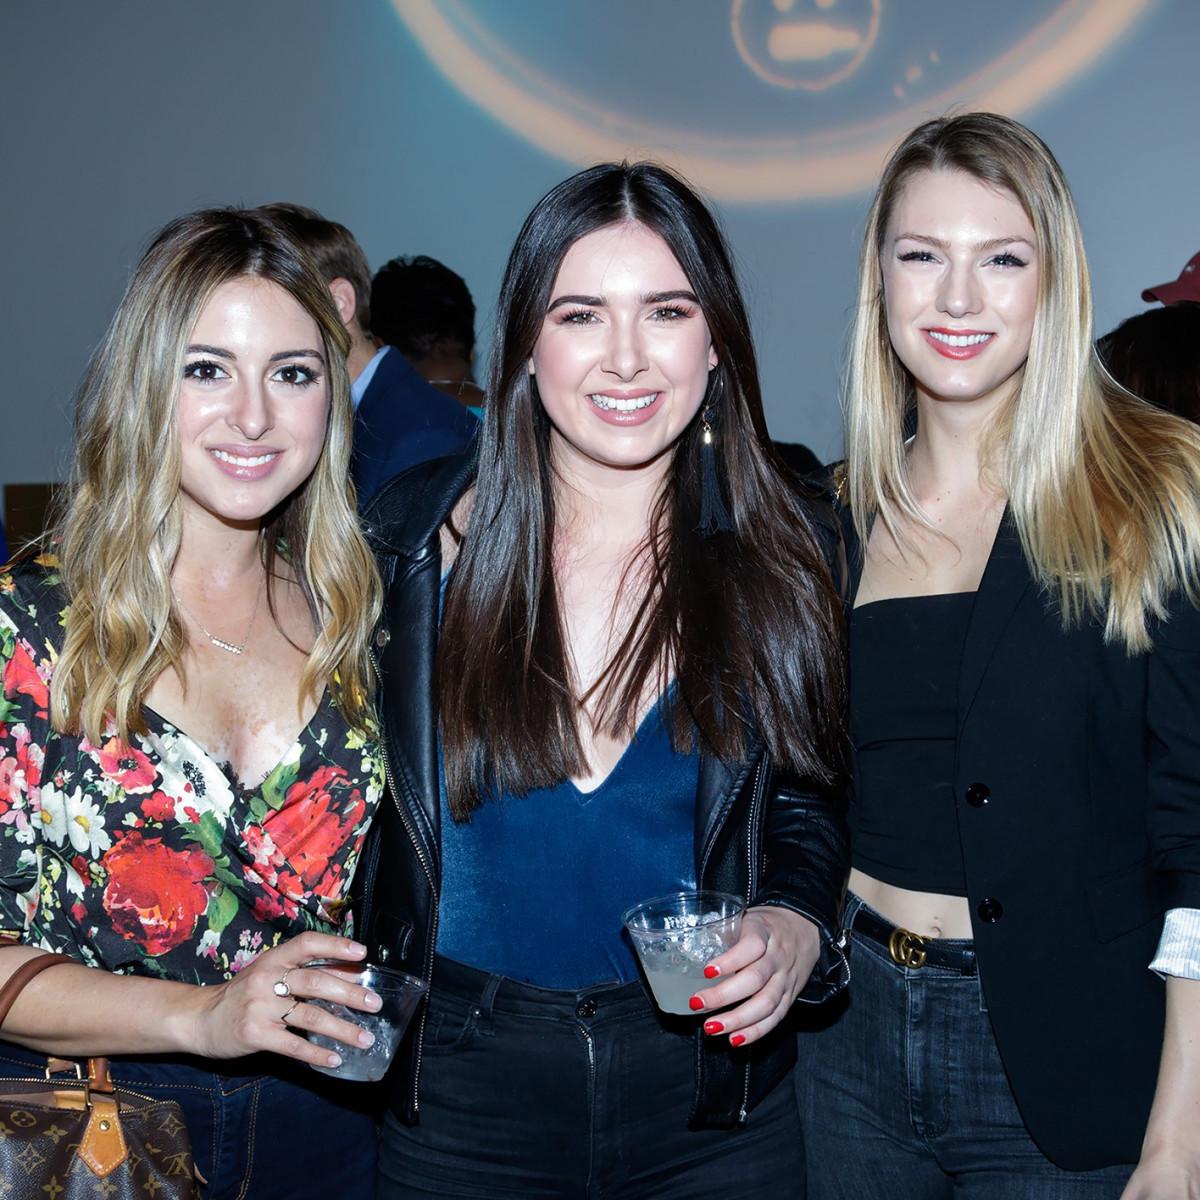 Dallas Tastemaker Awards 2018, Audrey Pena, Nicola Meldrum, Hannah Wiedenhoefer